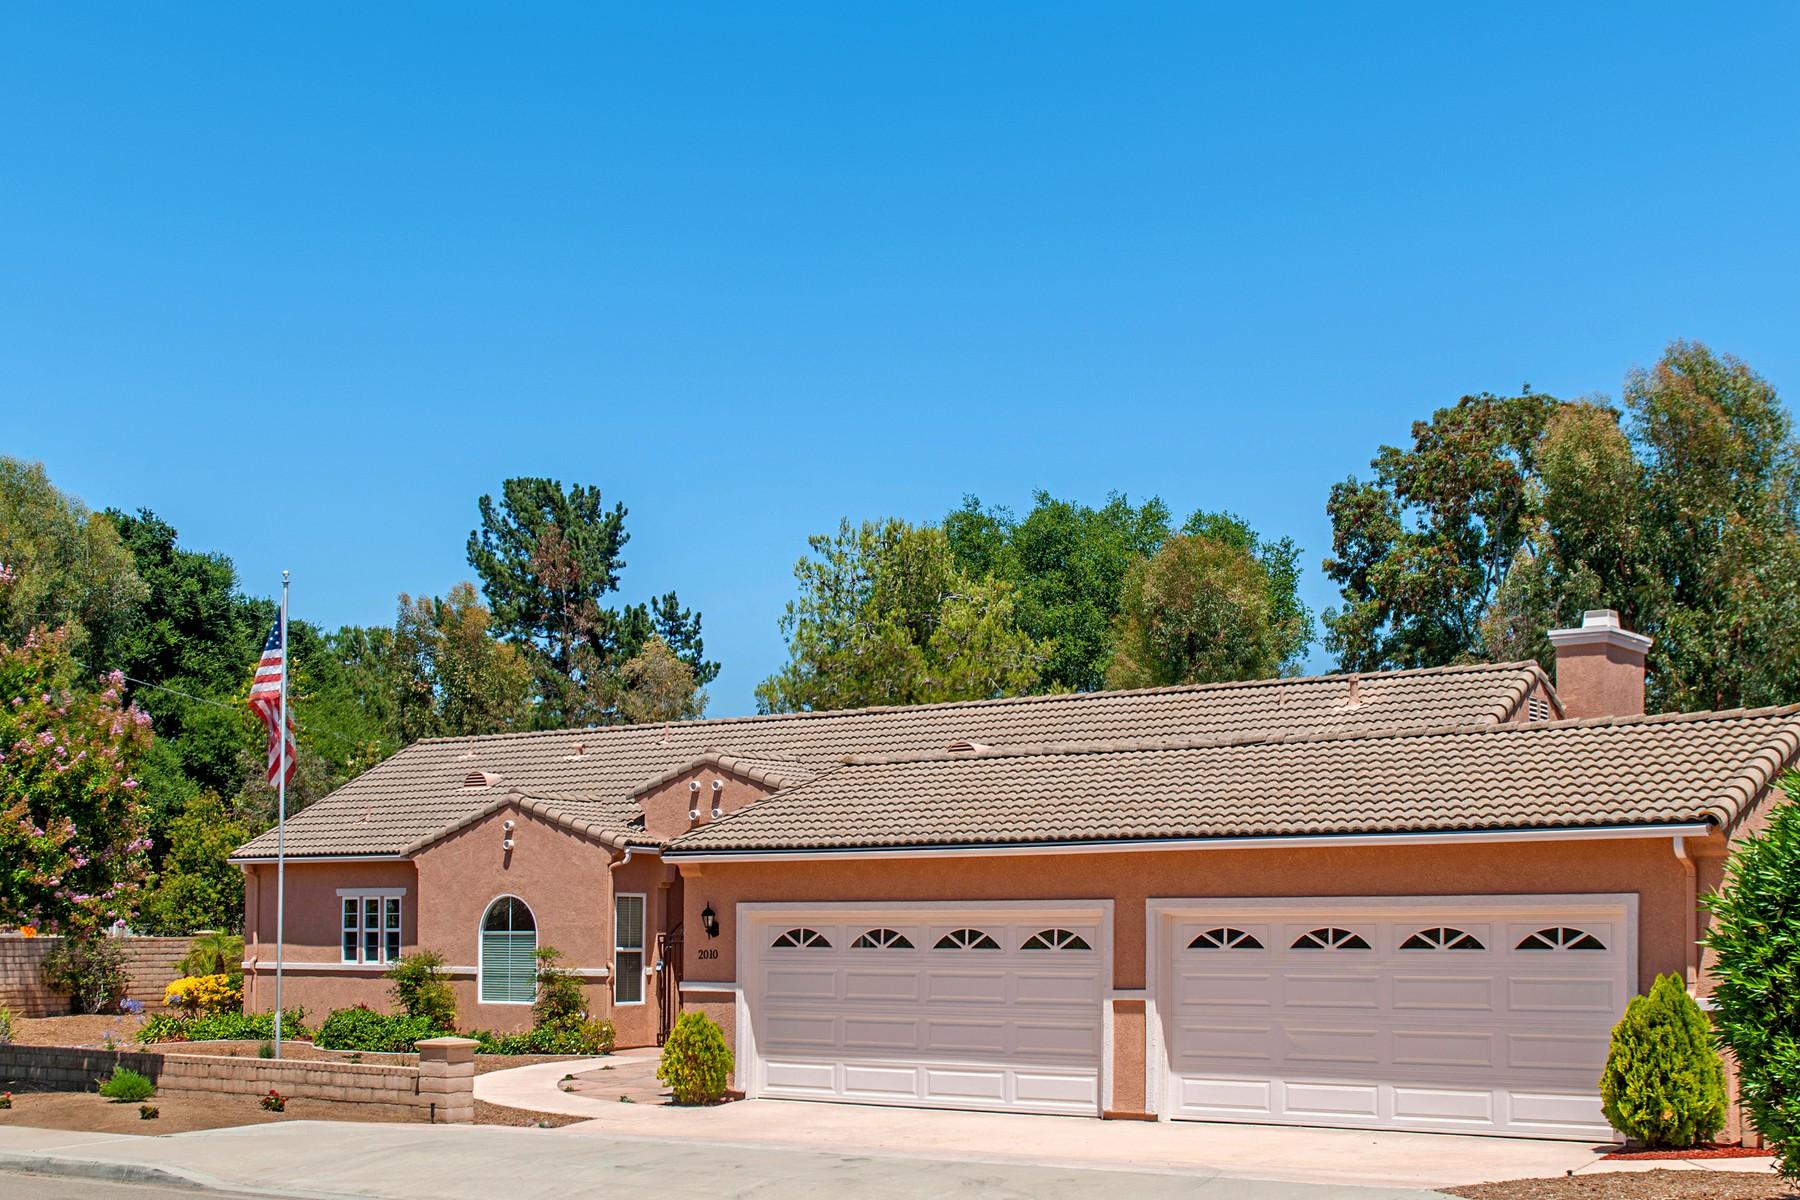 Maison unifamiliale pour l Vente à 2010 Lomas Serenas 2010 Hallmark Place Escondido, Californie, 92029 États-Unis